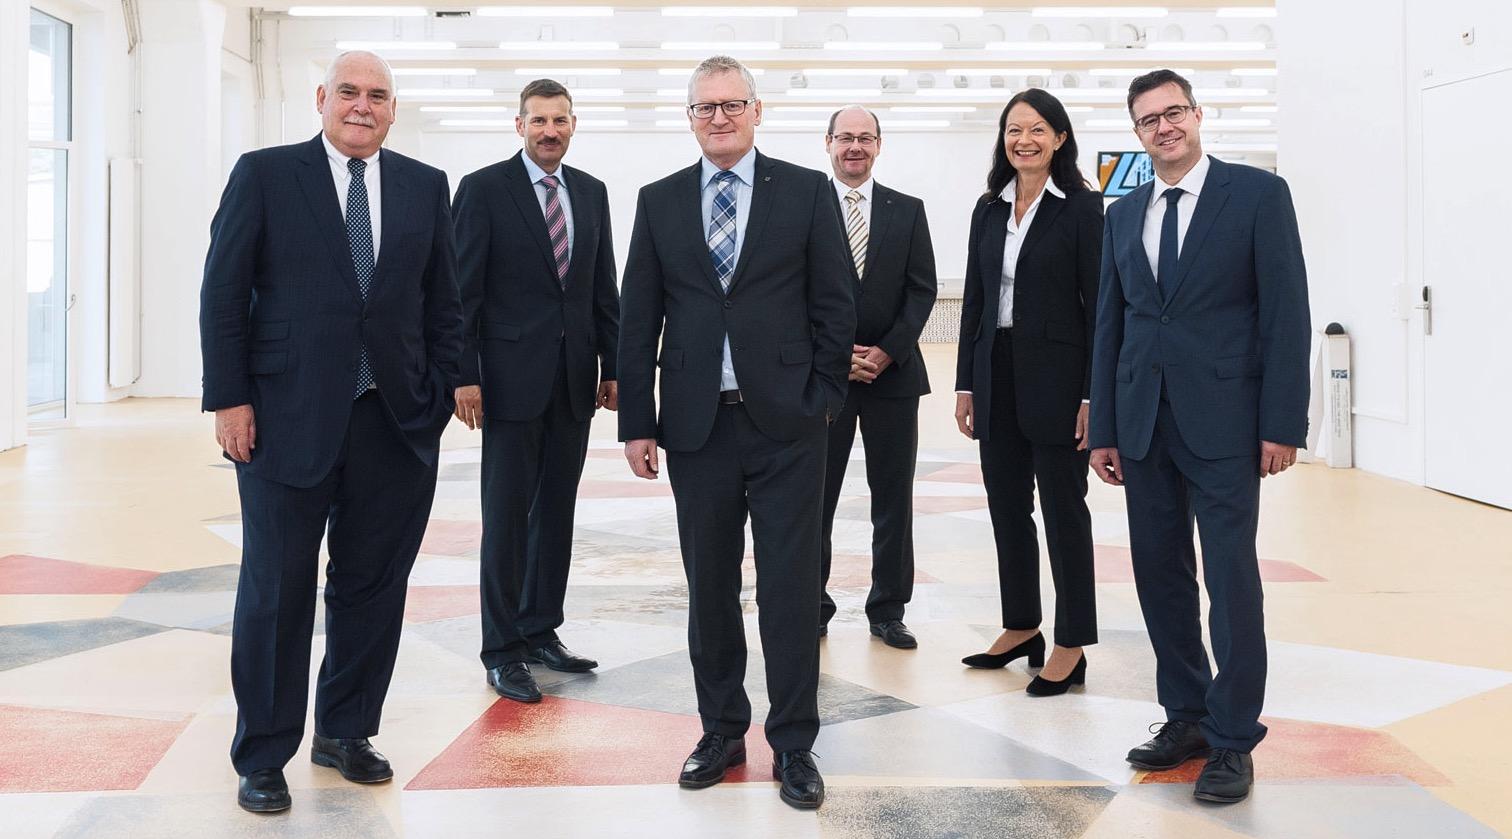 Der Gemeinderat von Emmen. Von links:Urs Dickerhof, Josef Schmidli, Rolf Born, Thomas Lehmann, Susanne Truttmann, Gemeindeschreiber Patrick Vogel.